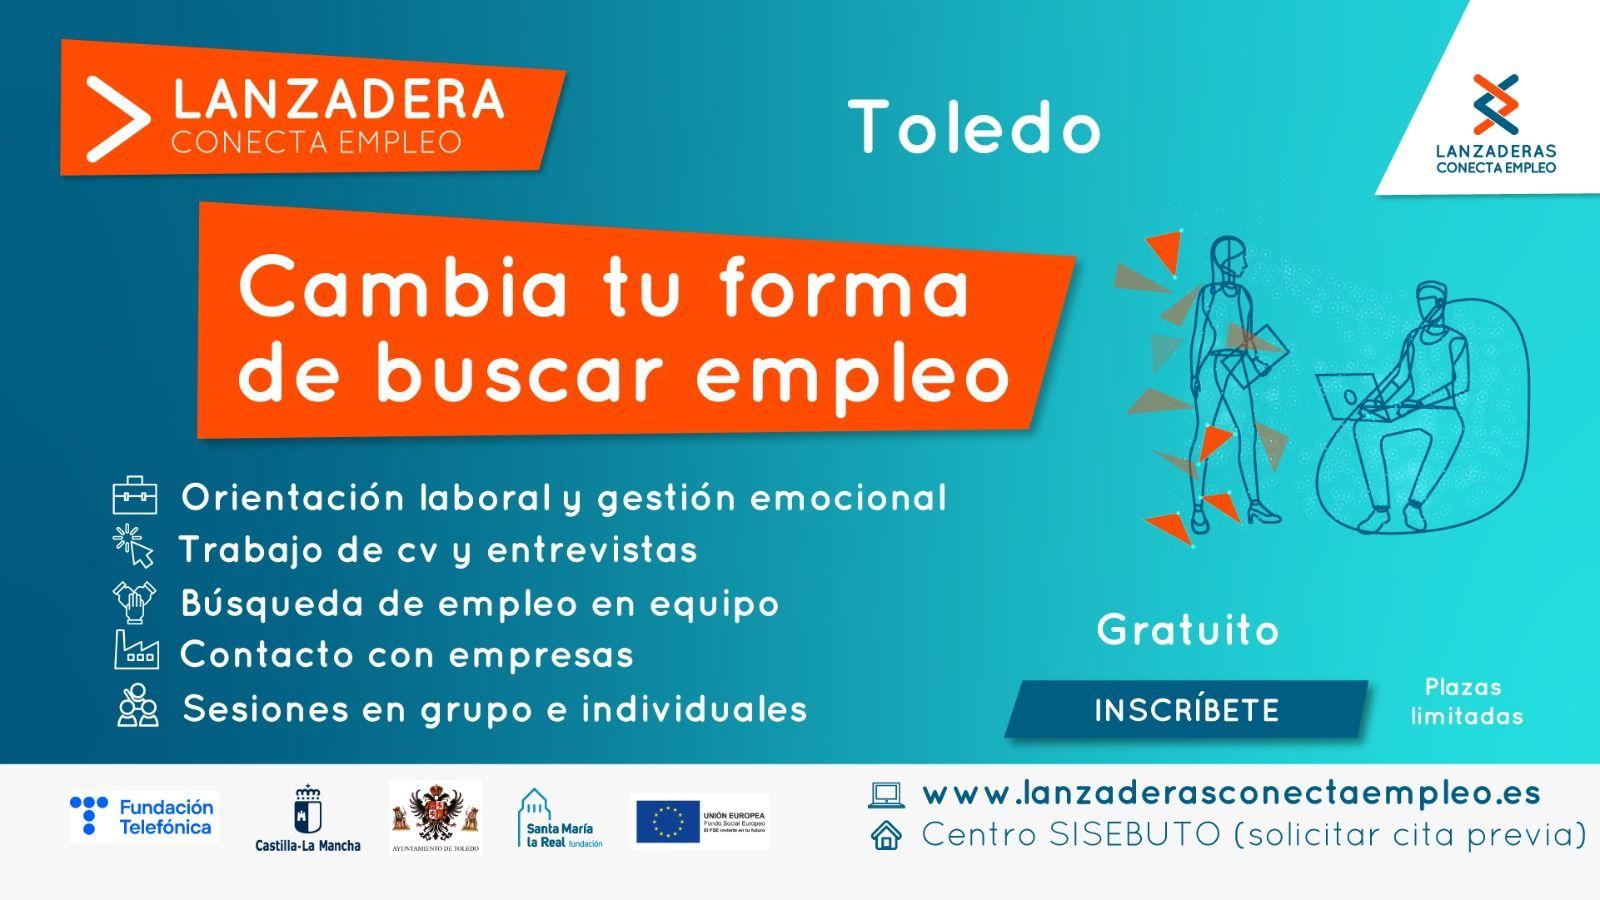 Últimos días para apuntarse a la Lanzadera Conecta Empleo de Toledo, cuyo plazo de inscripción finaliza el 28 de mayo